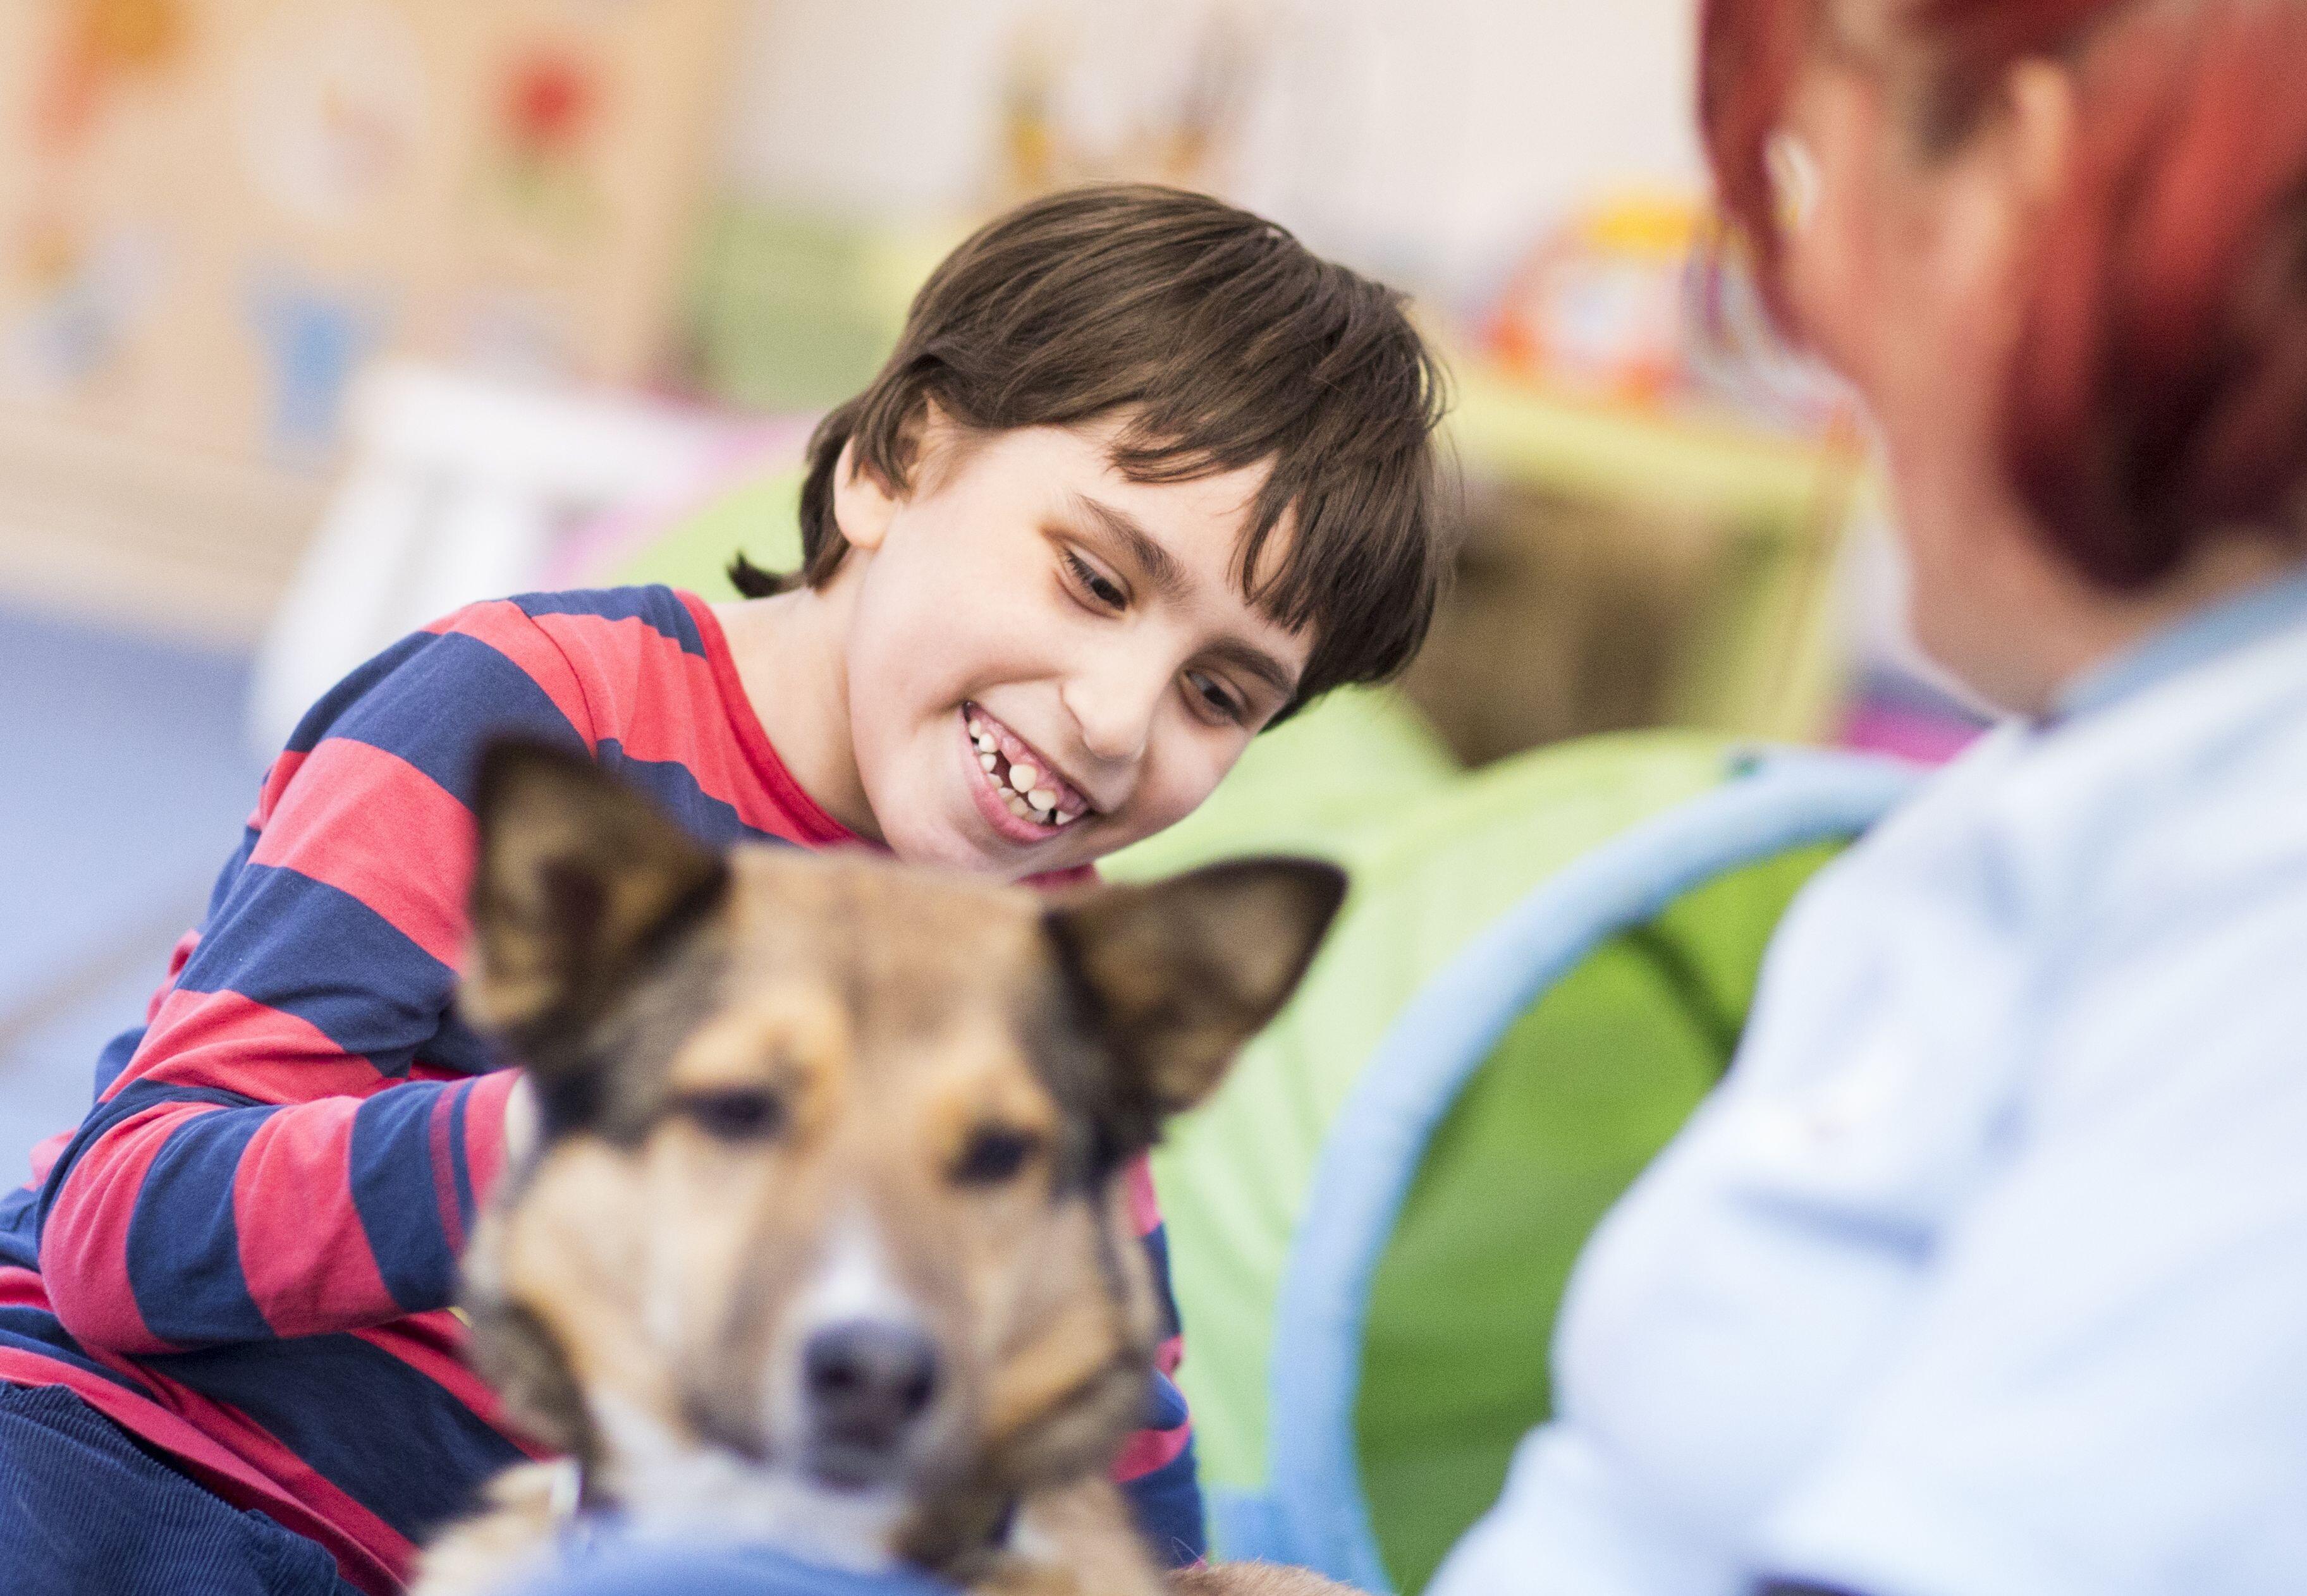 QUATRE PATTES et son programme d'intervention assistée par un animal